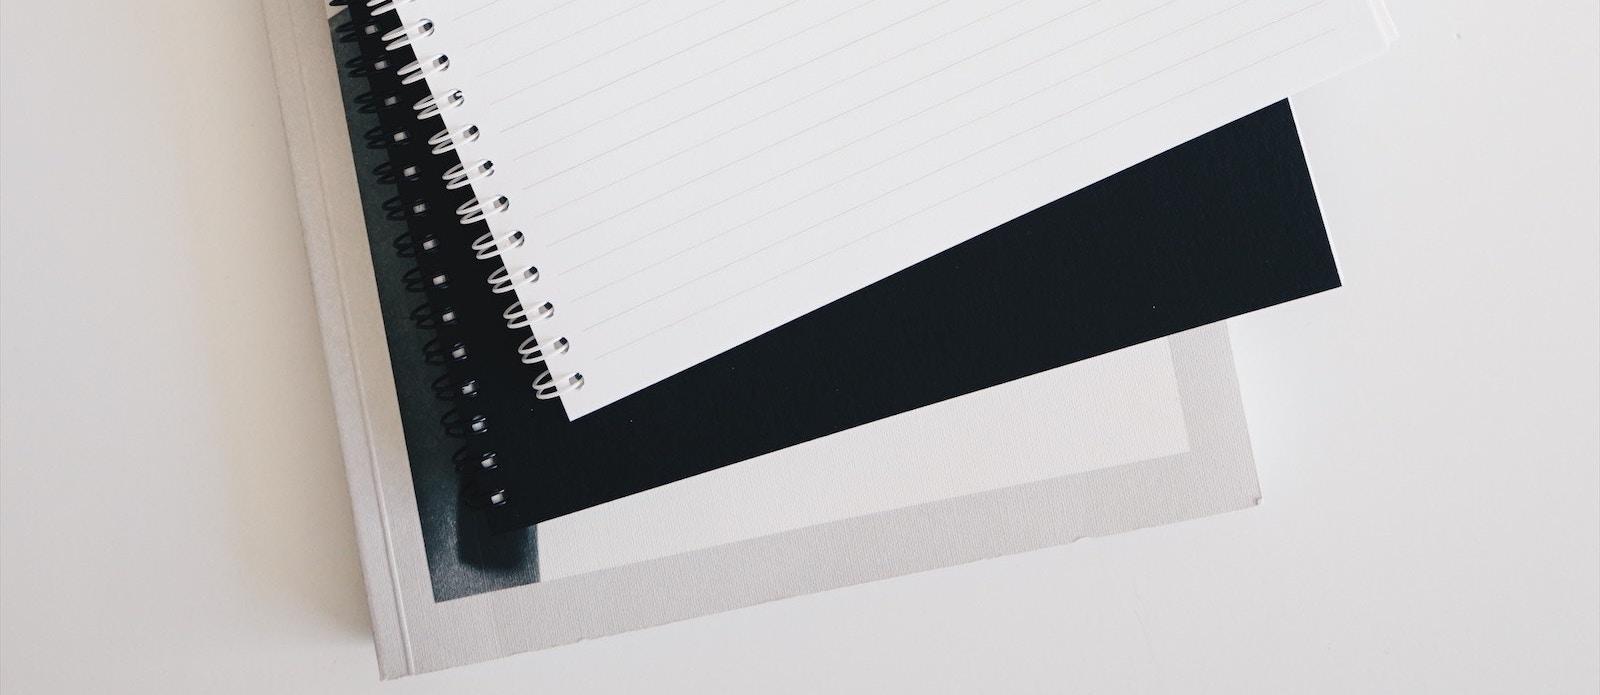 Mappen & Notizbücher